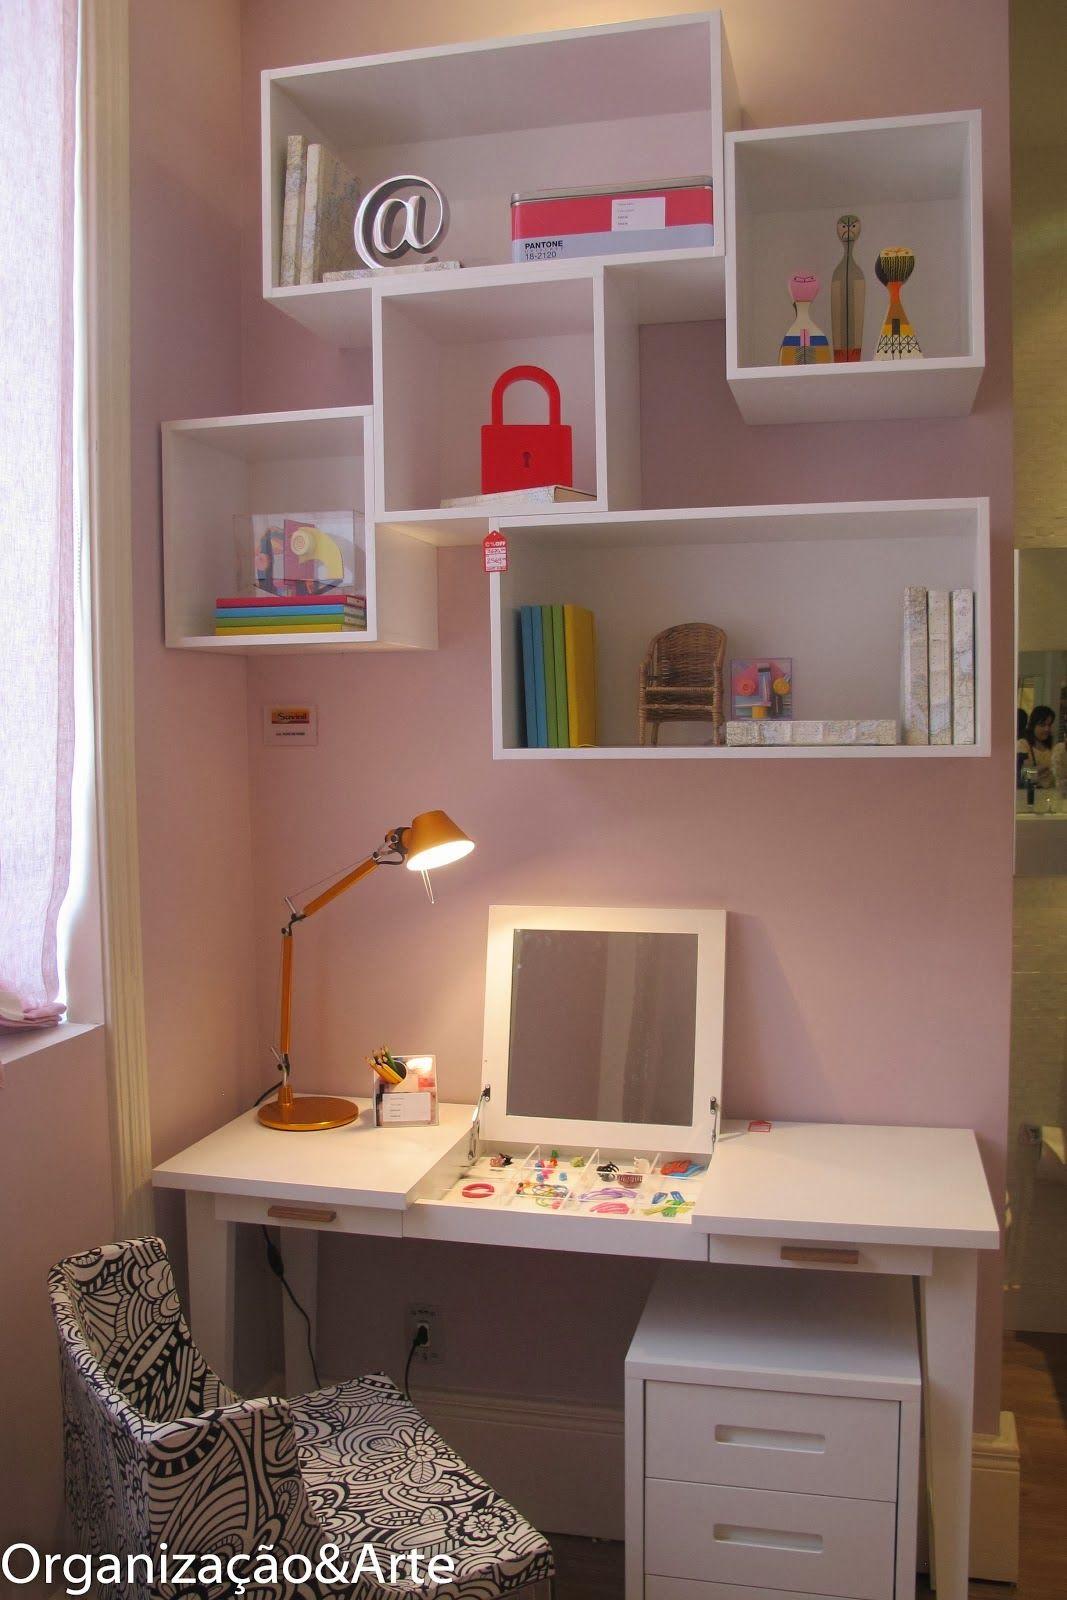 Casei Quero Casa Decorando E Organizando Com Prateleiras